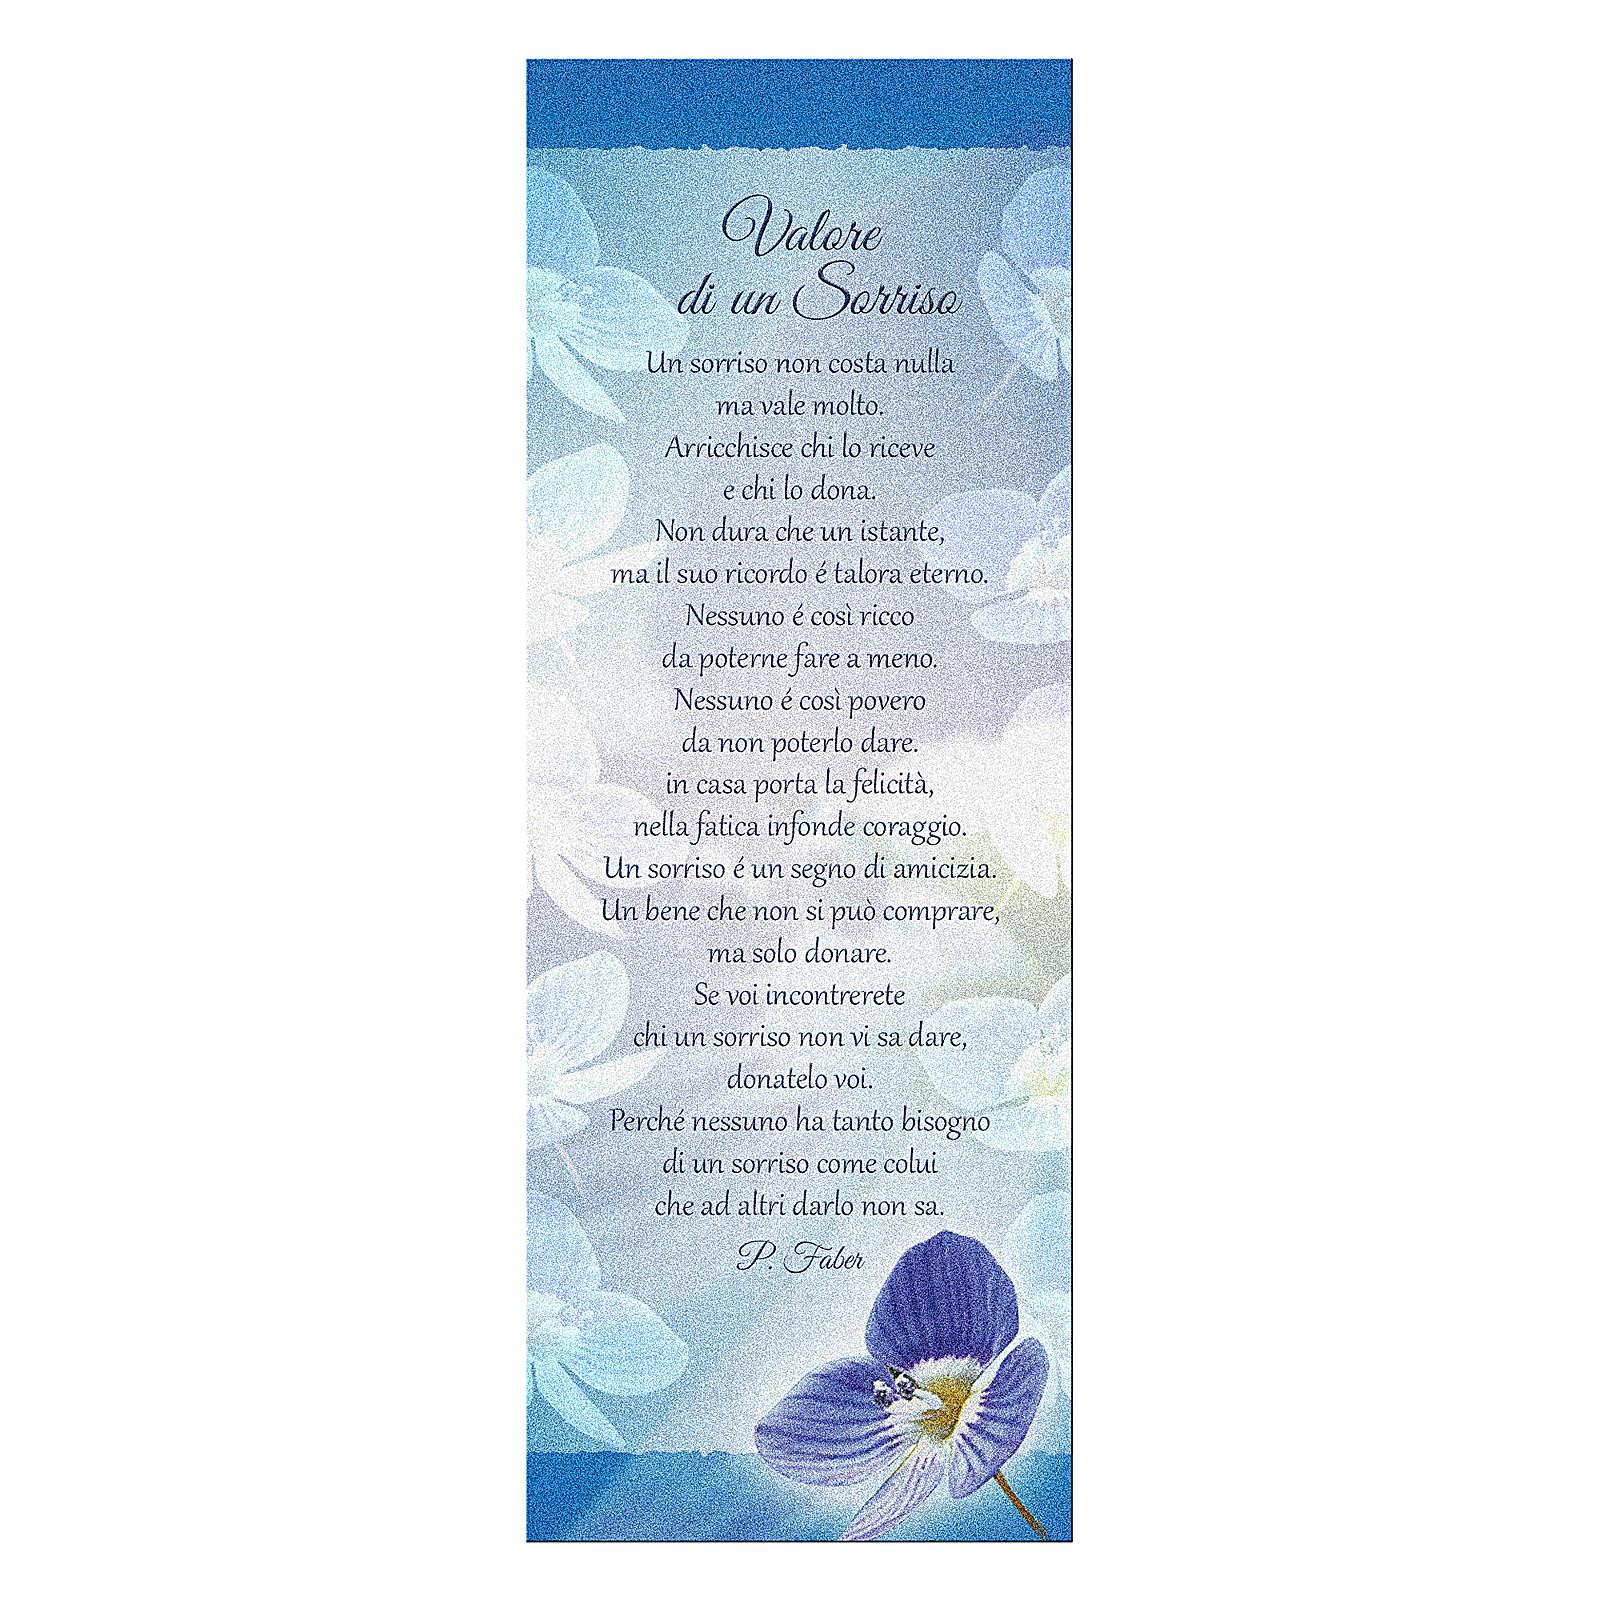 Segnalibro carta perlata Orchidea - Valore di un sorriso 15x5 cm 4